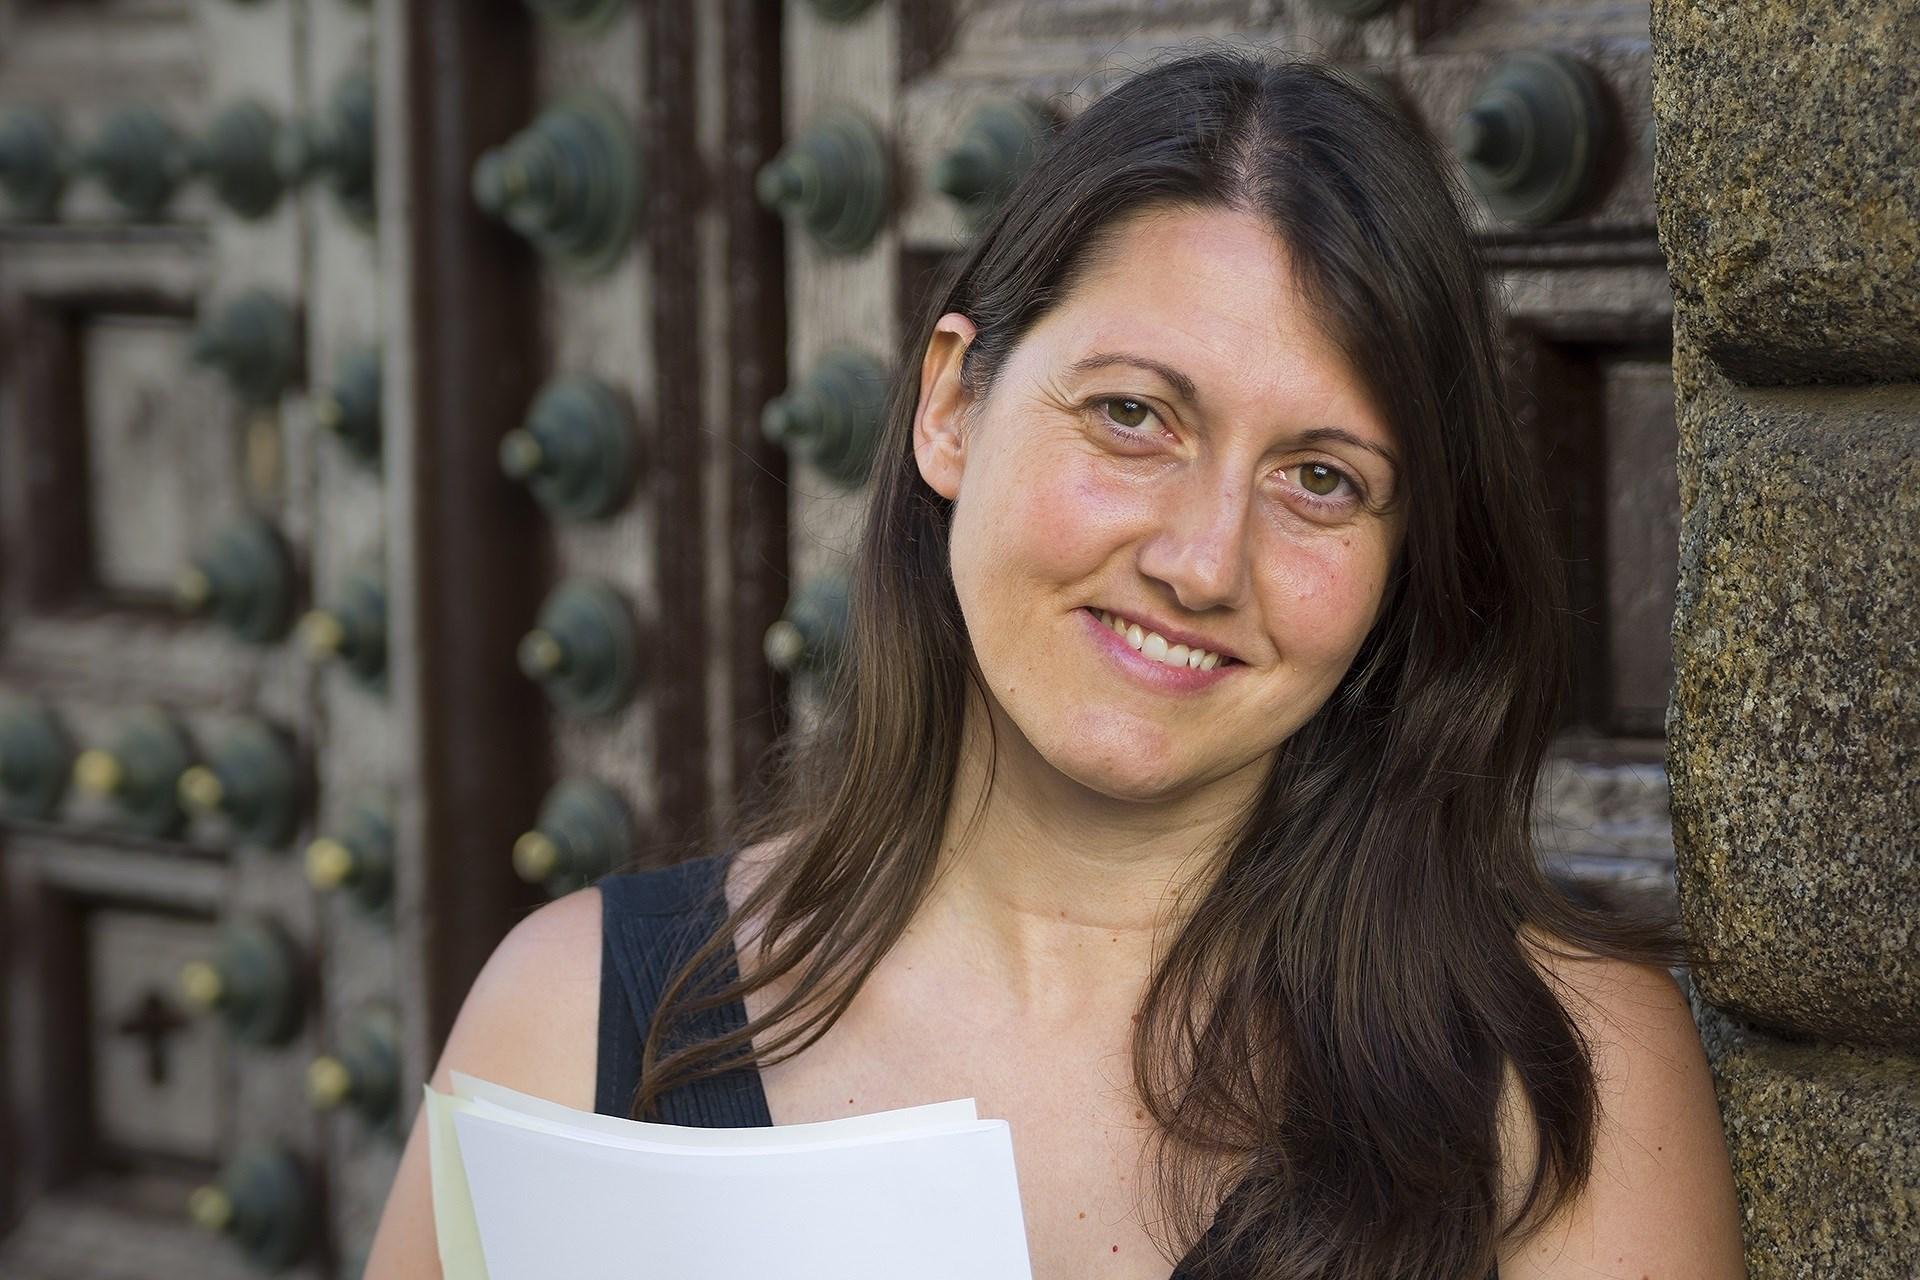 La concejala de Servicios Públicos y Sostenibilidad de Toledo, Eva Jiménez